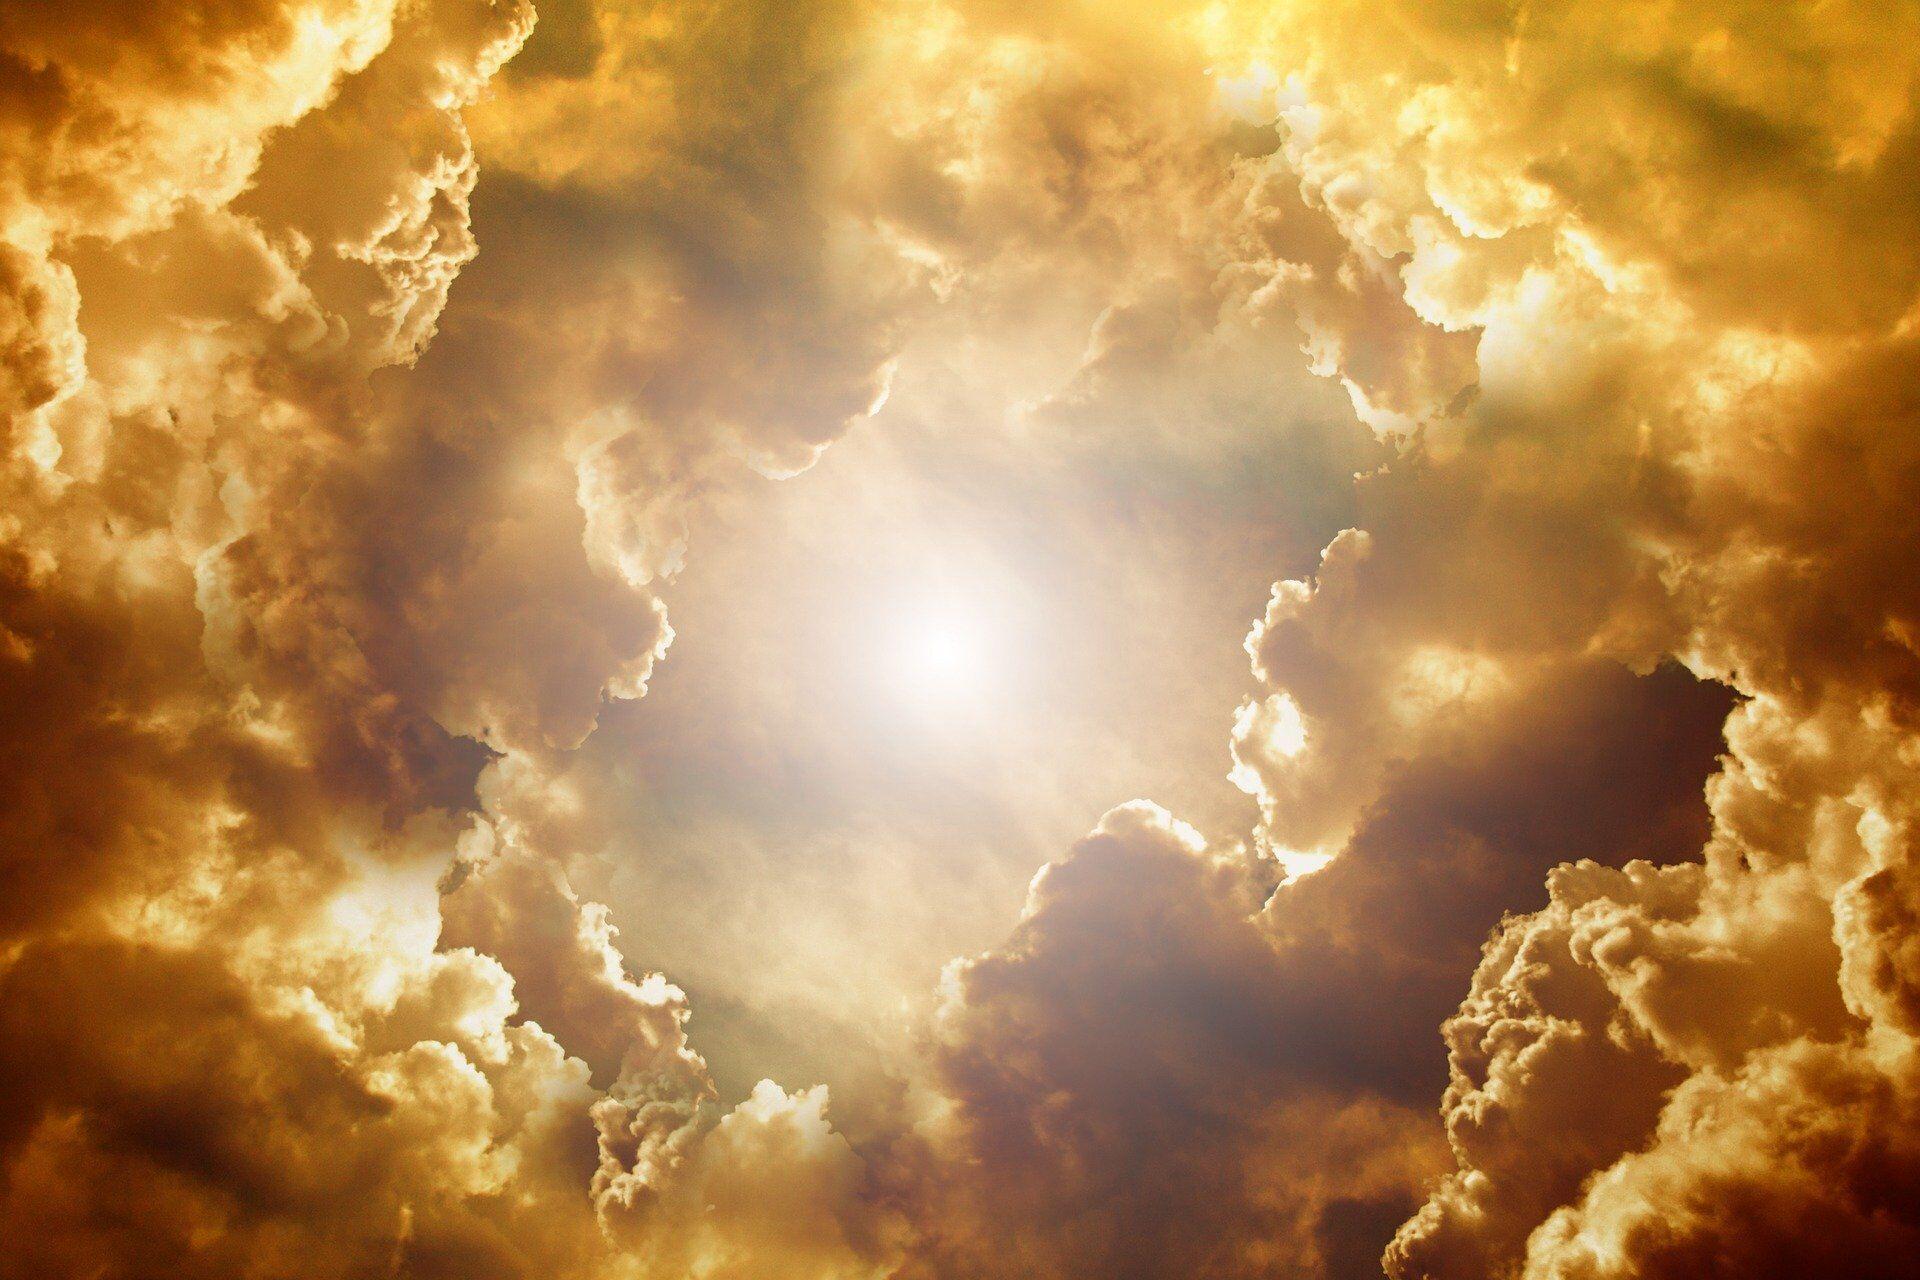 Предки посвящали этот день обрядам для задабривания Бога Солнца